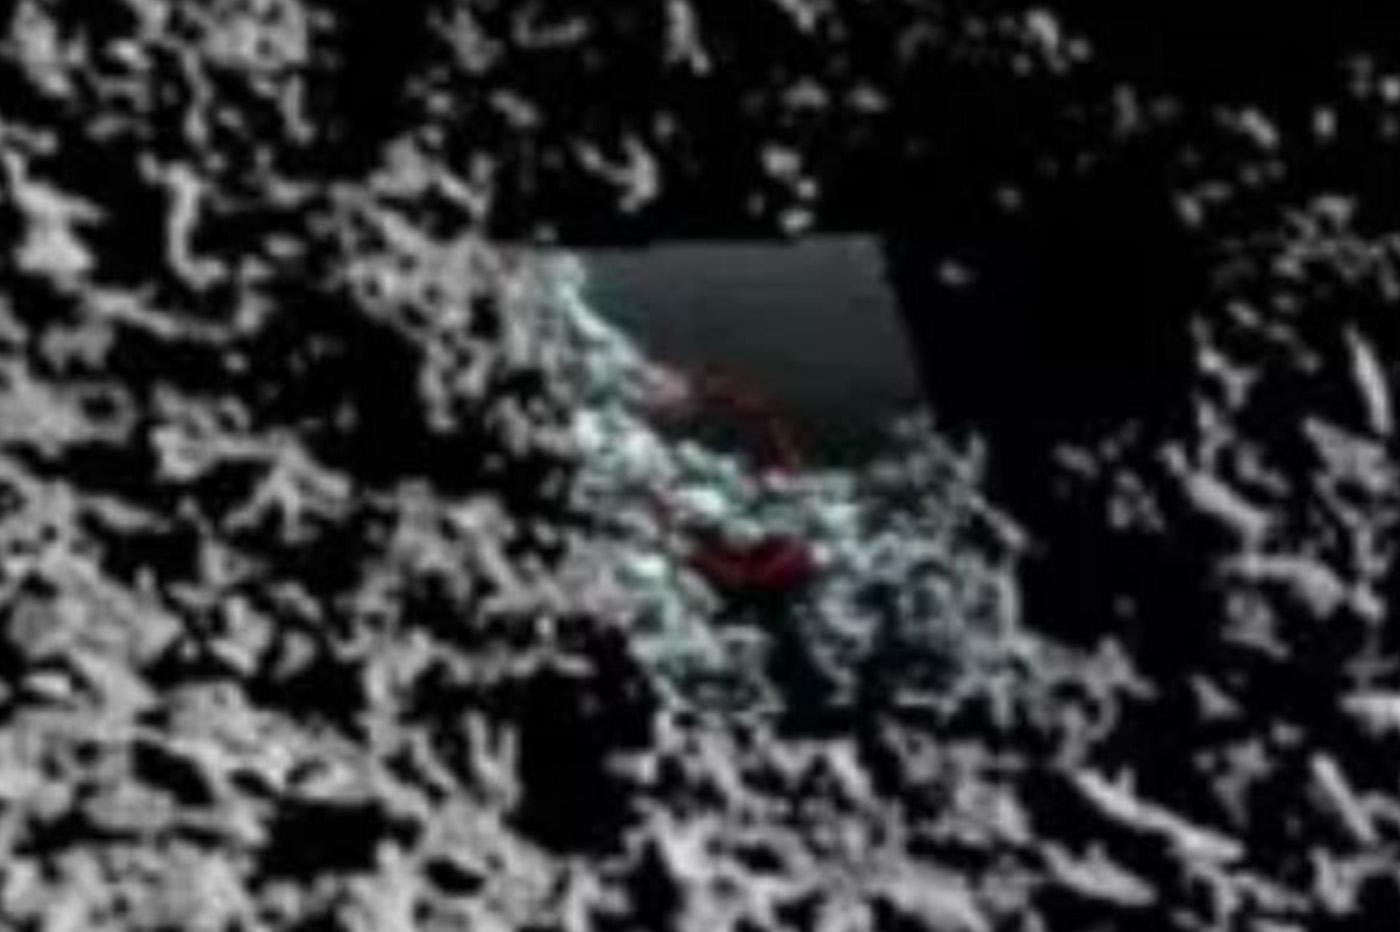 Le Chine découvre une substance mystérieuse sur la face cachée de la Lune